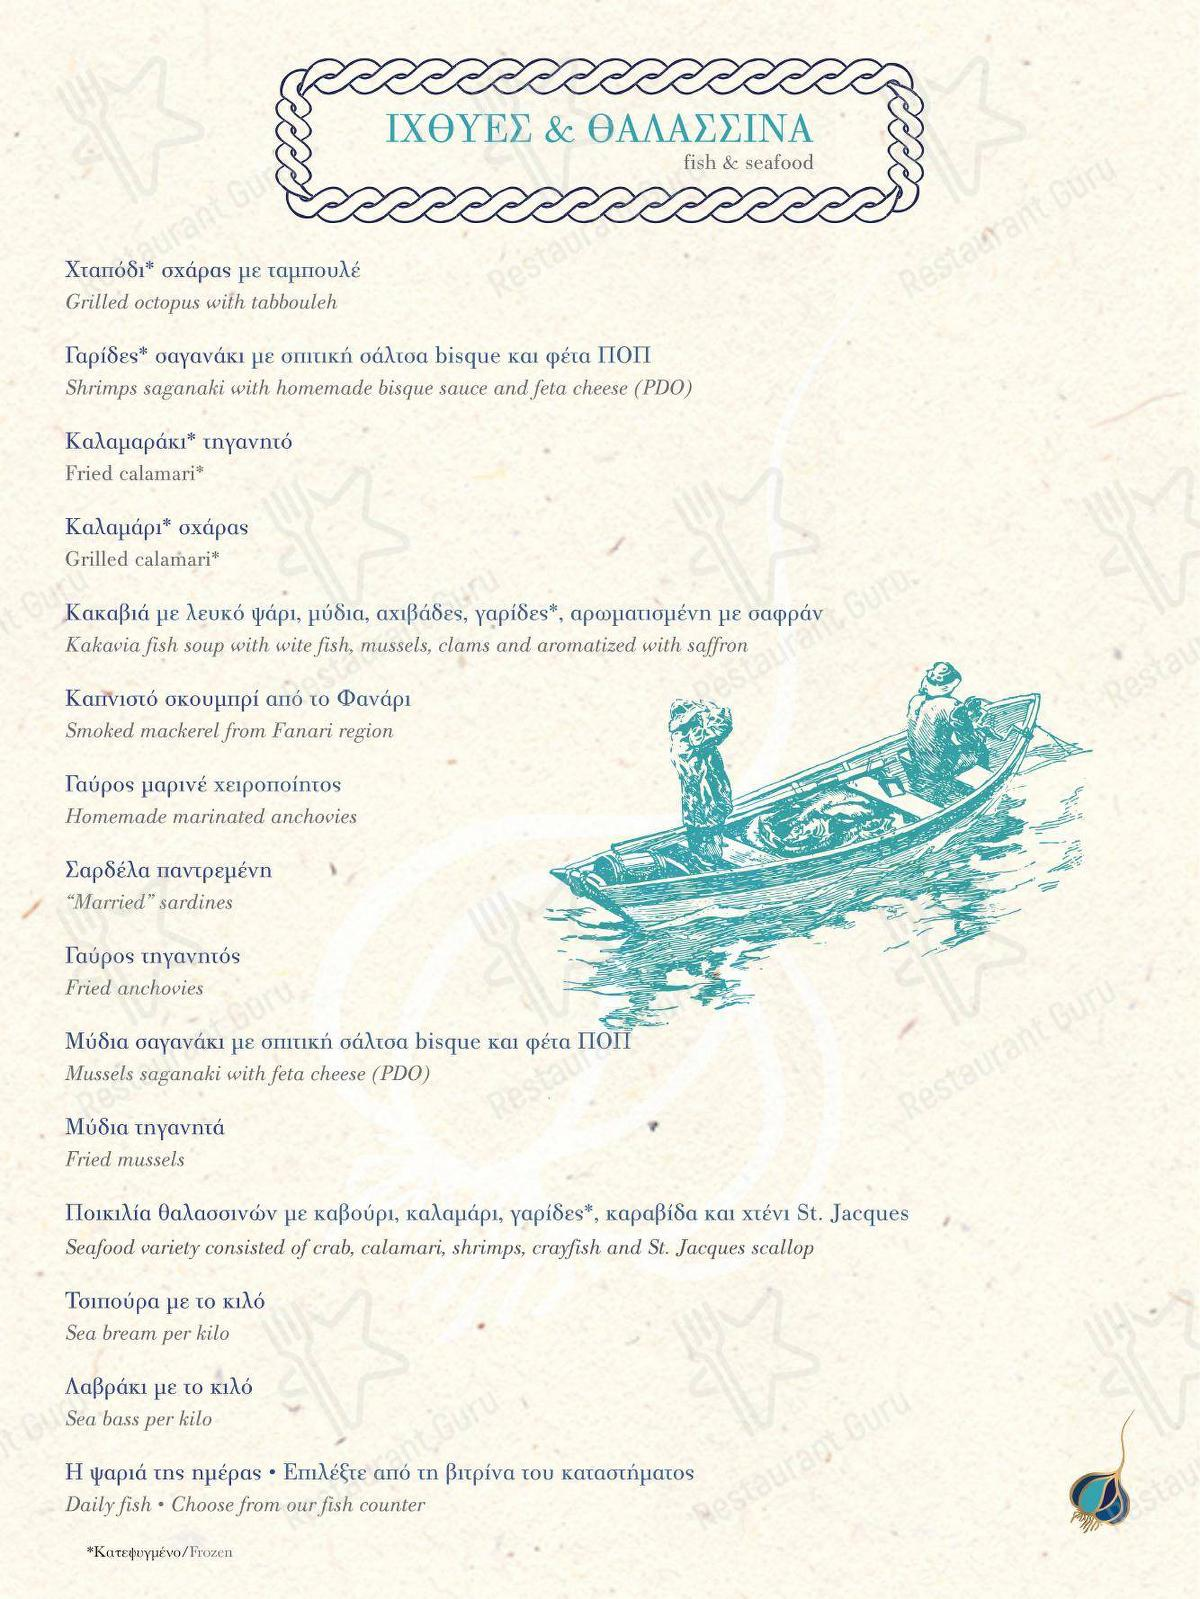 Αγιολί menu - dishes and beverages